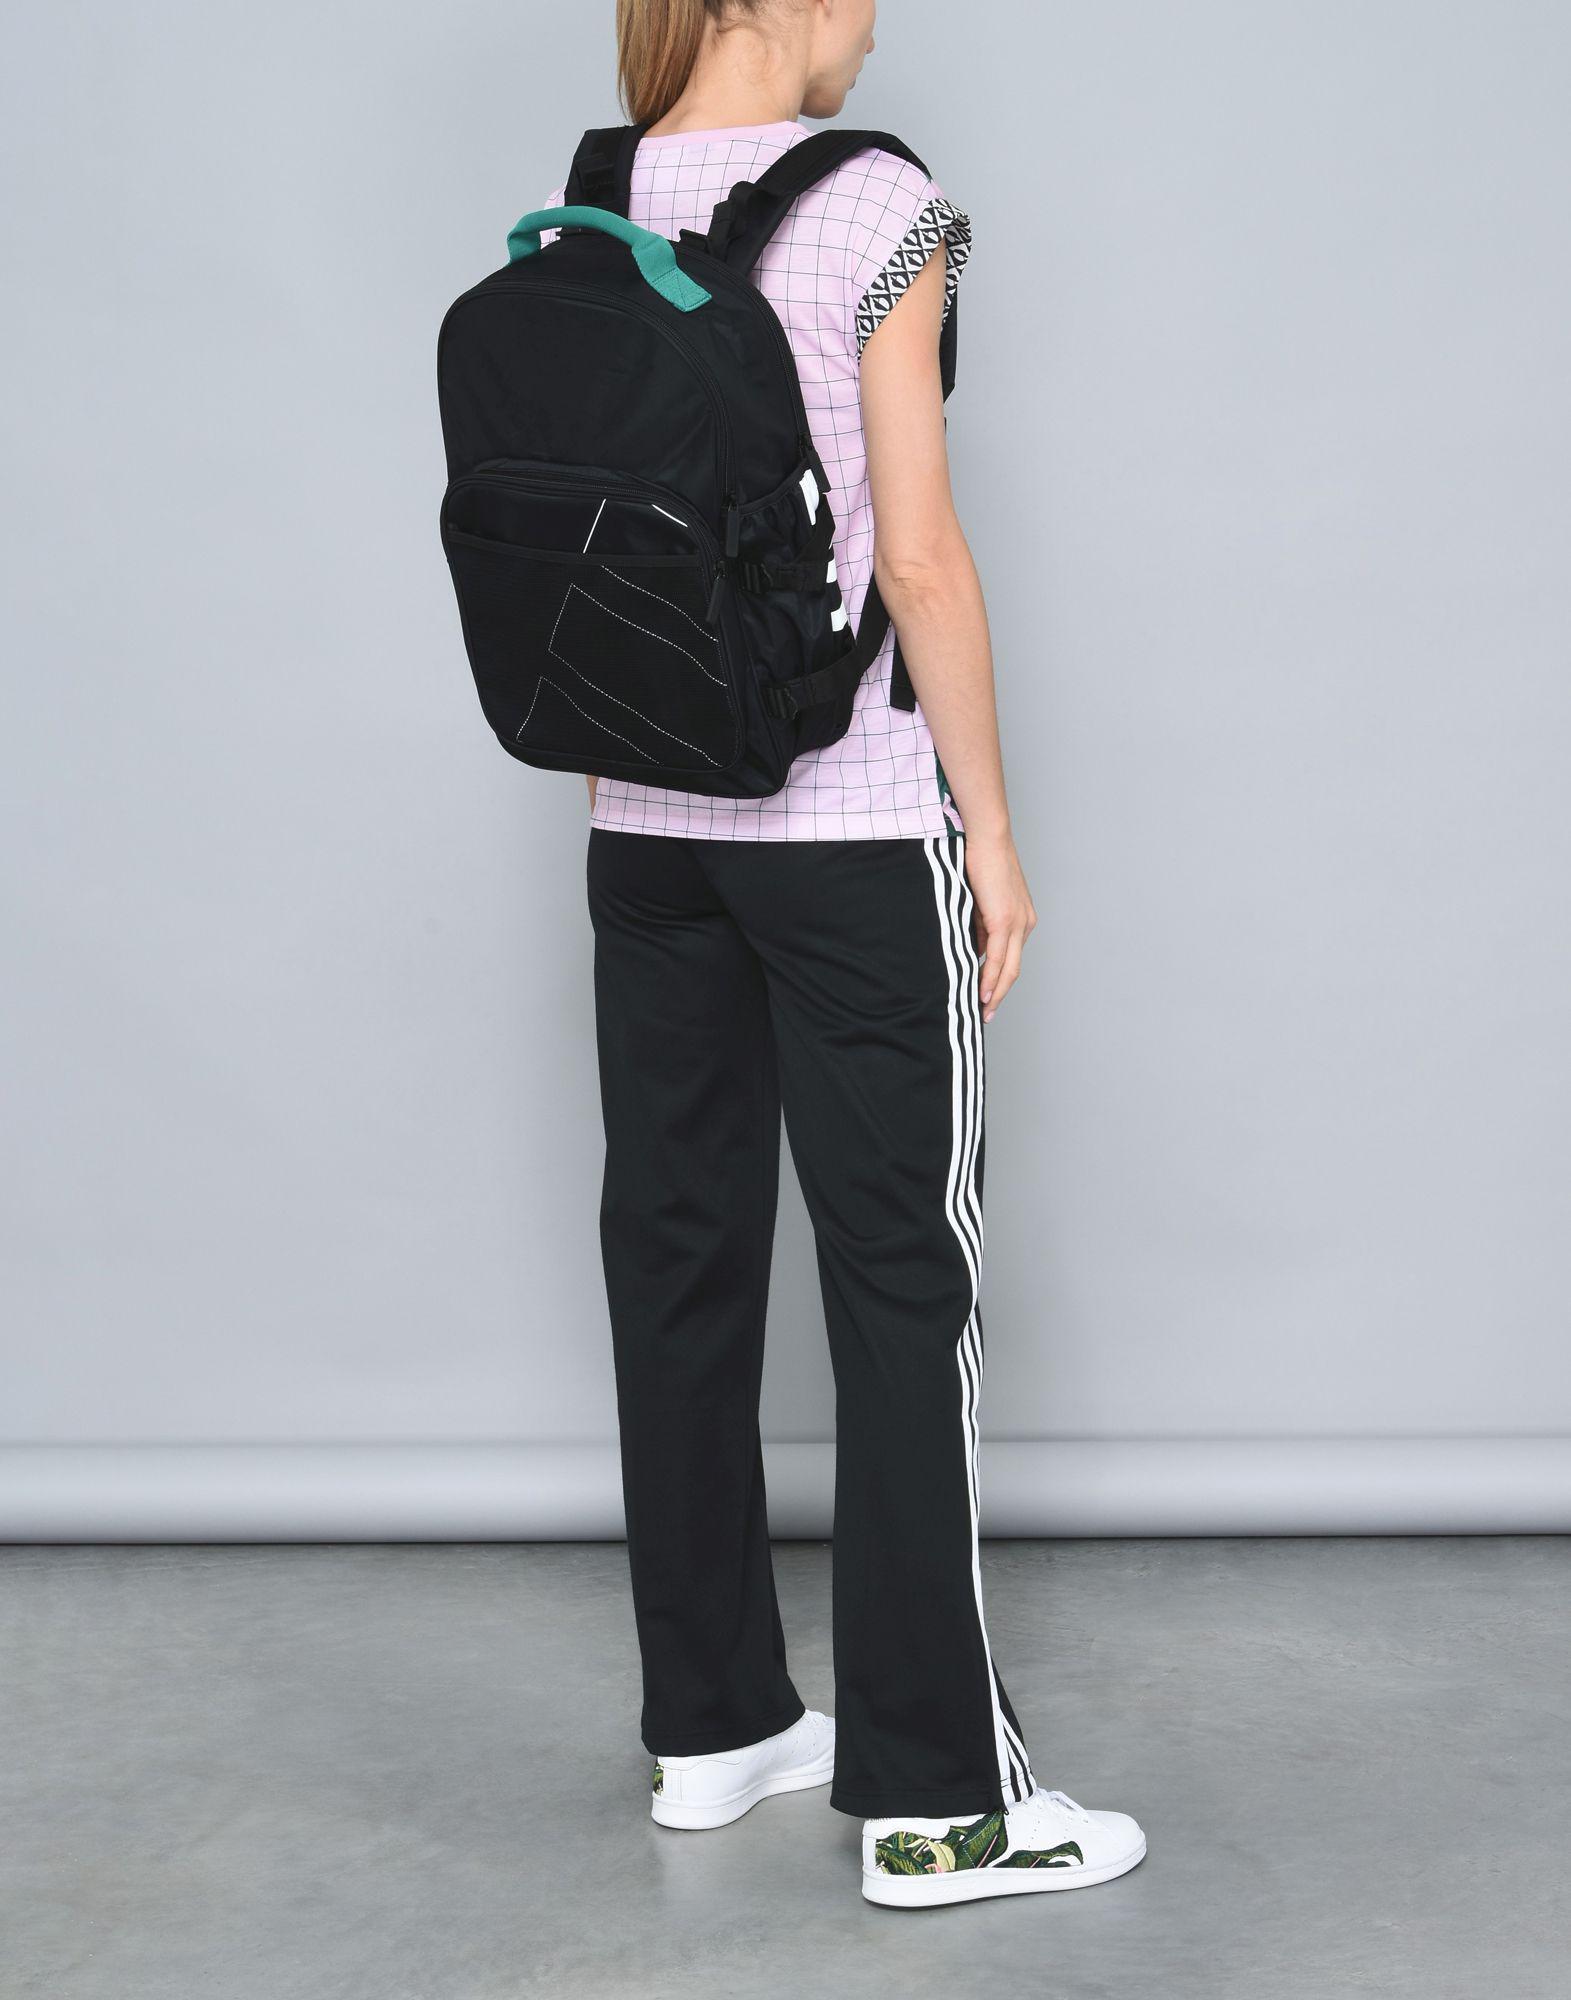 0d159ac724 Lyst - Sacs à dos et bananes adidas Originals en coloris Noir